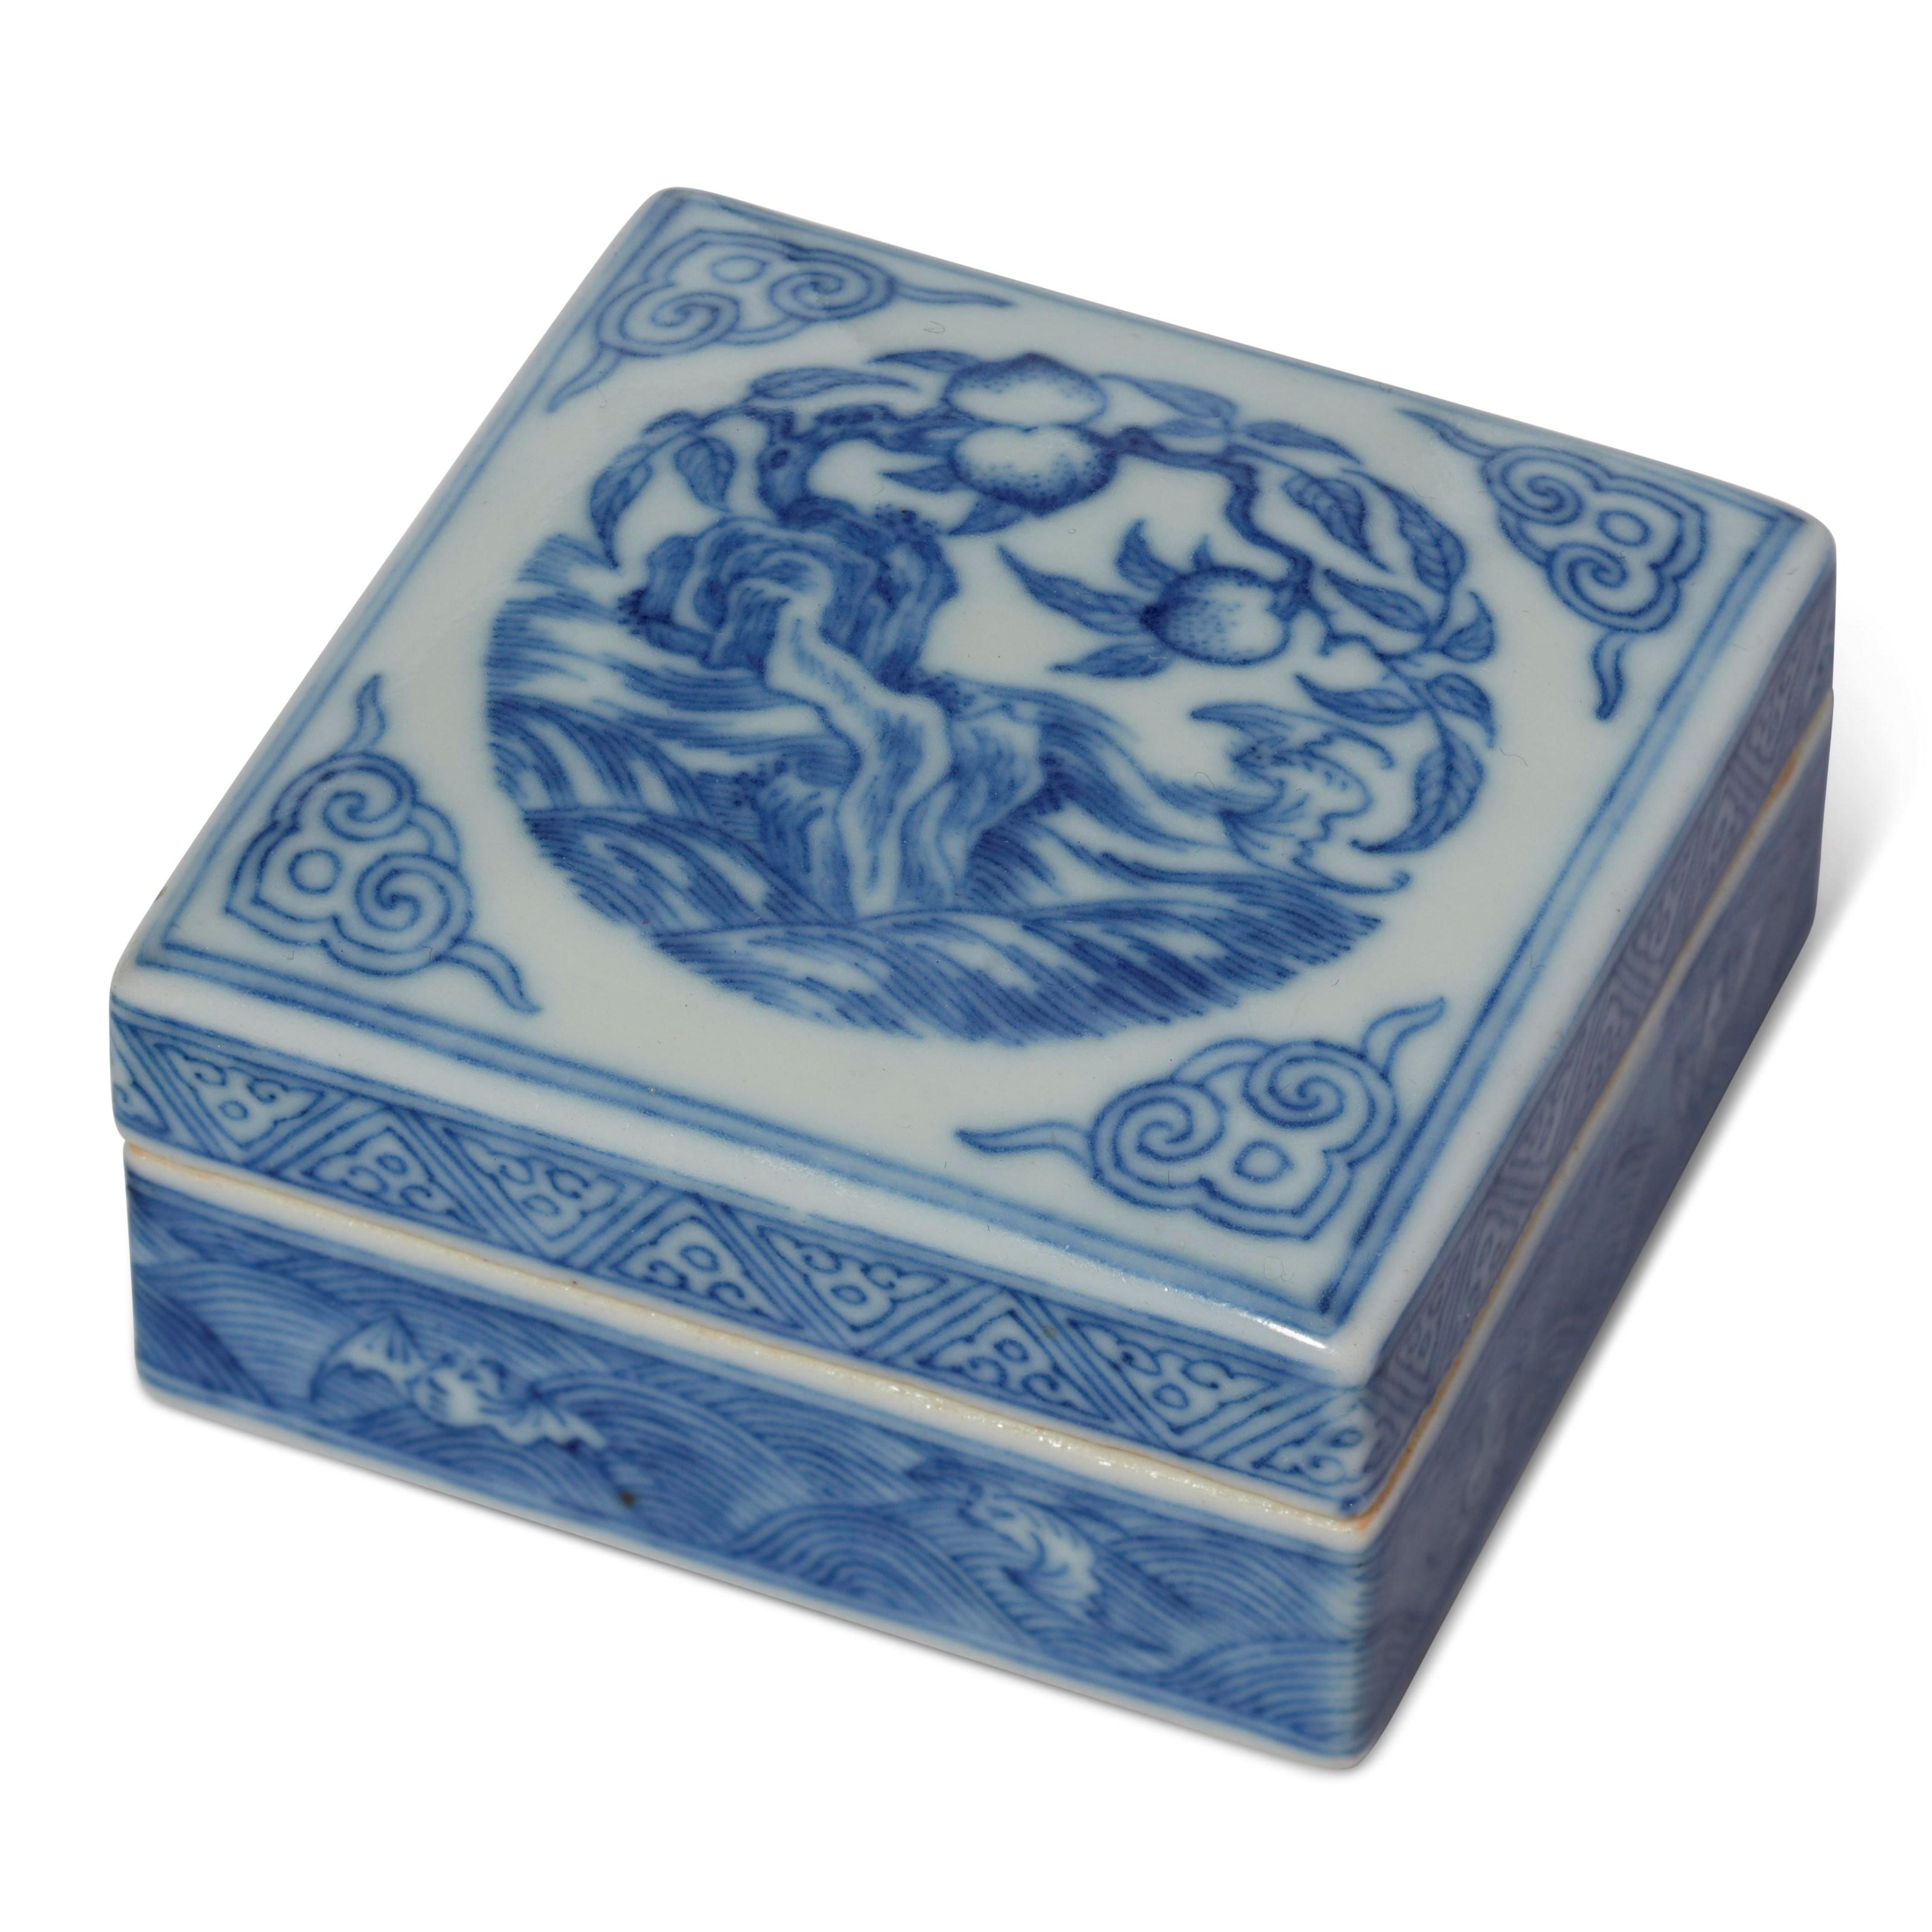 清十八十九世纪 青花福寿纹盖盒,2¼ 平方吋 (5.7平方公分)。估价:1,500-2,500美元。此拍品于2018年12月5至12日举行之中国艺术:纽约冬季网上拍卖中呈献。